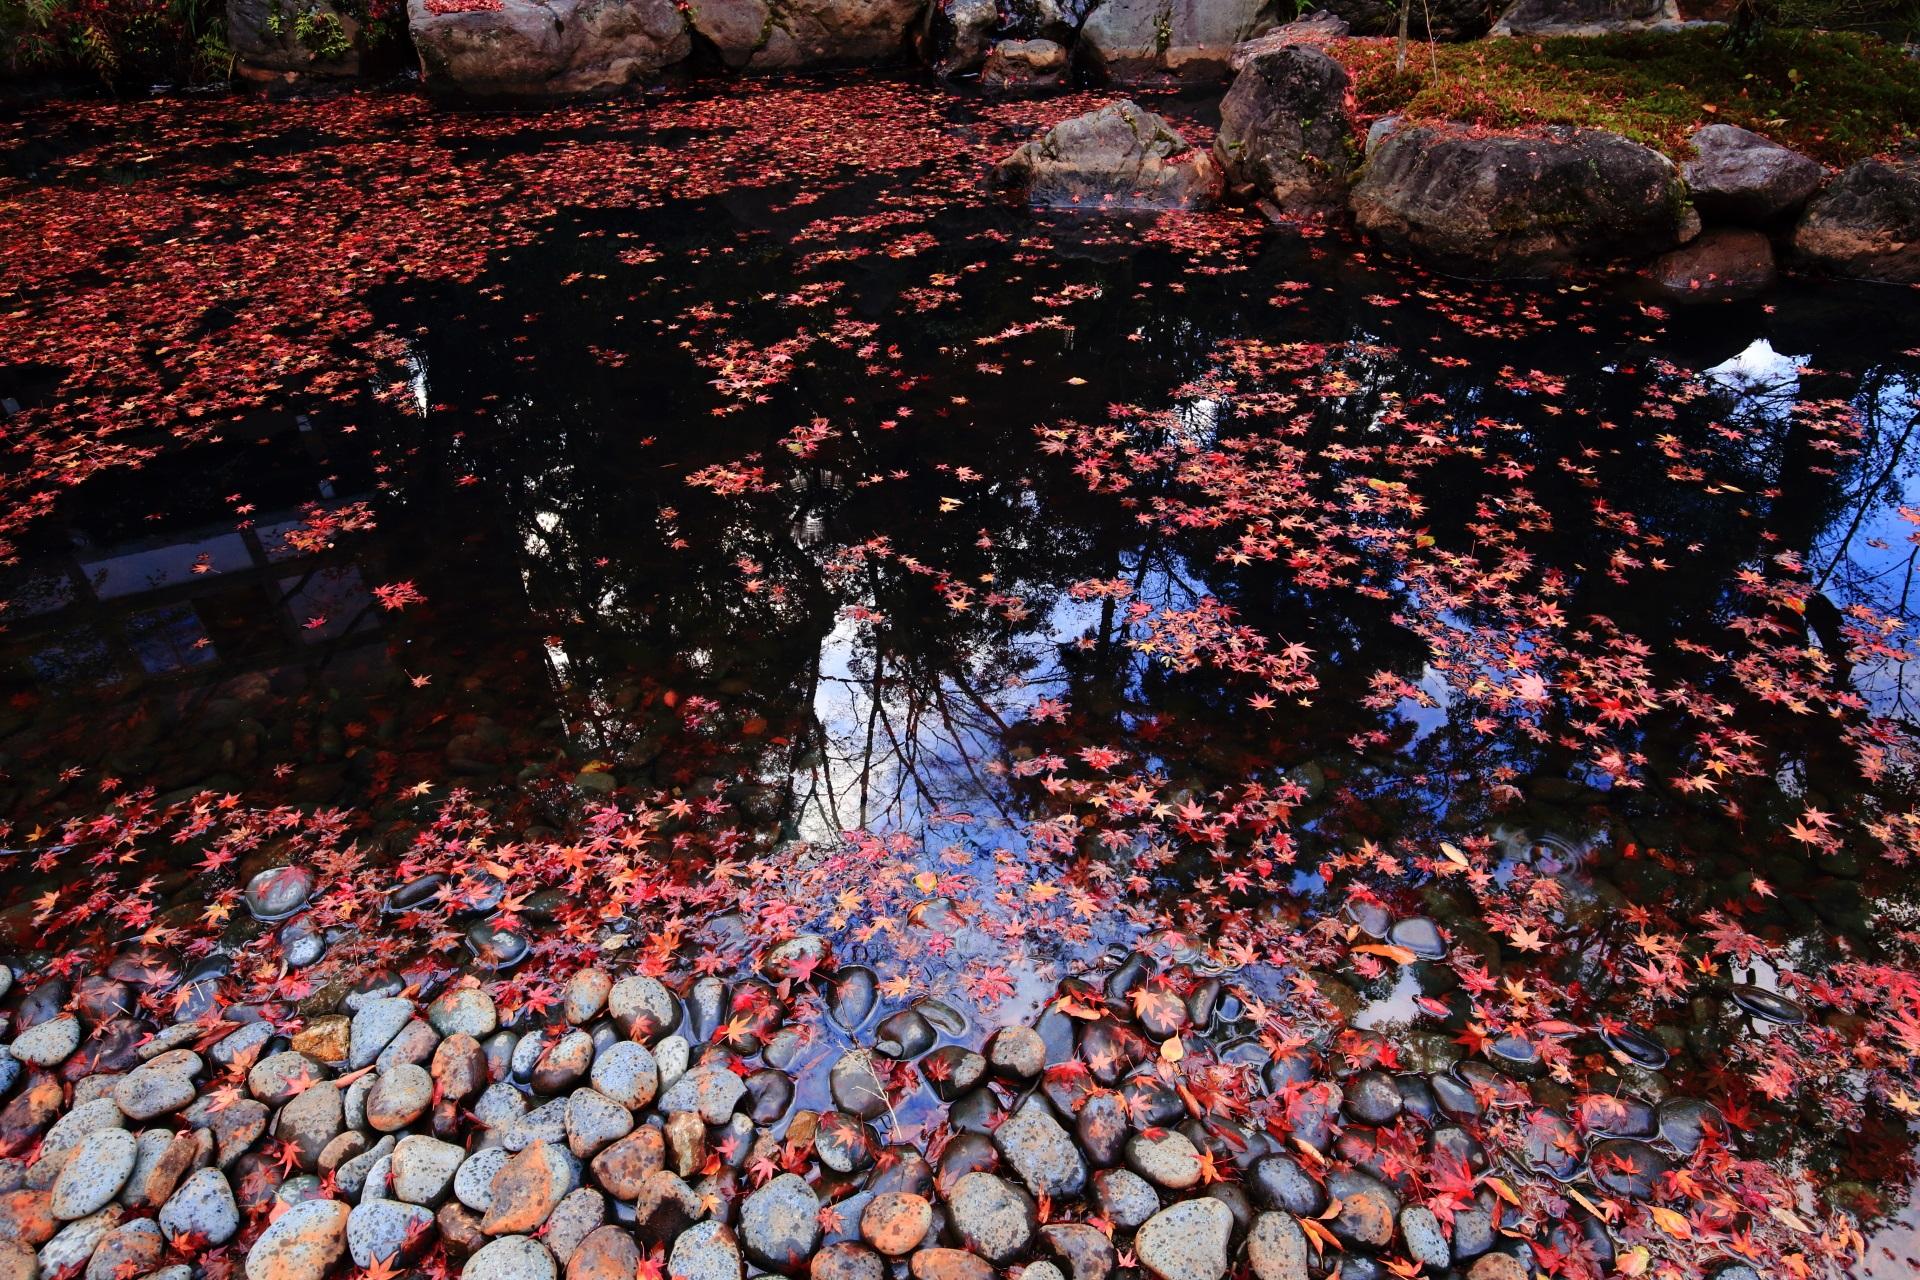 長岡天満宮の水面を彩る華やかで上品な散りもみじ